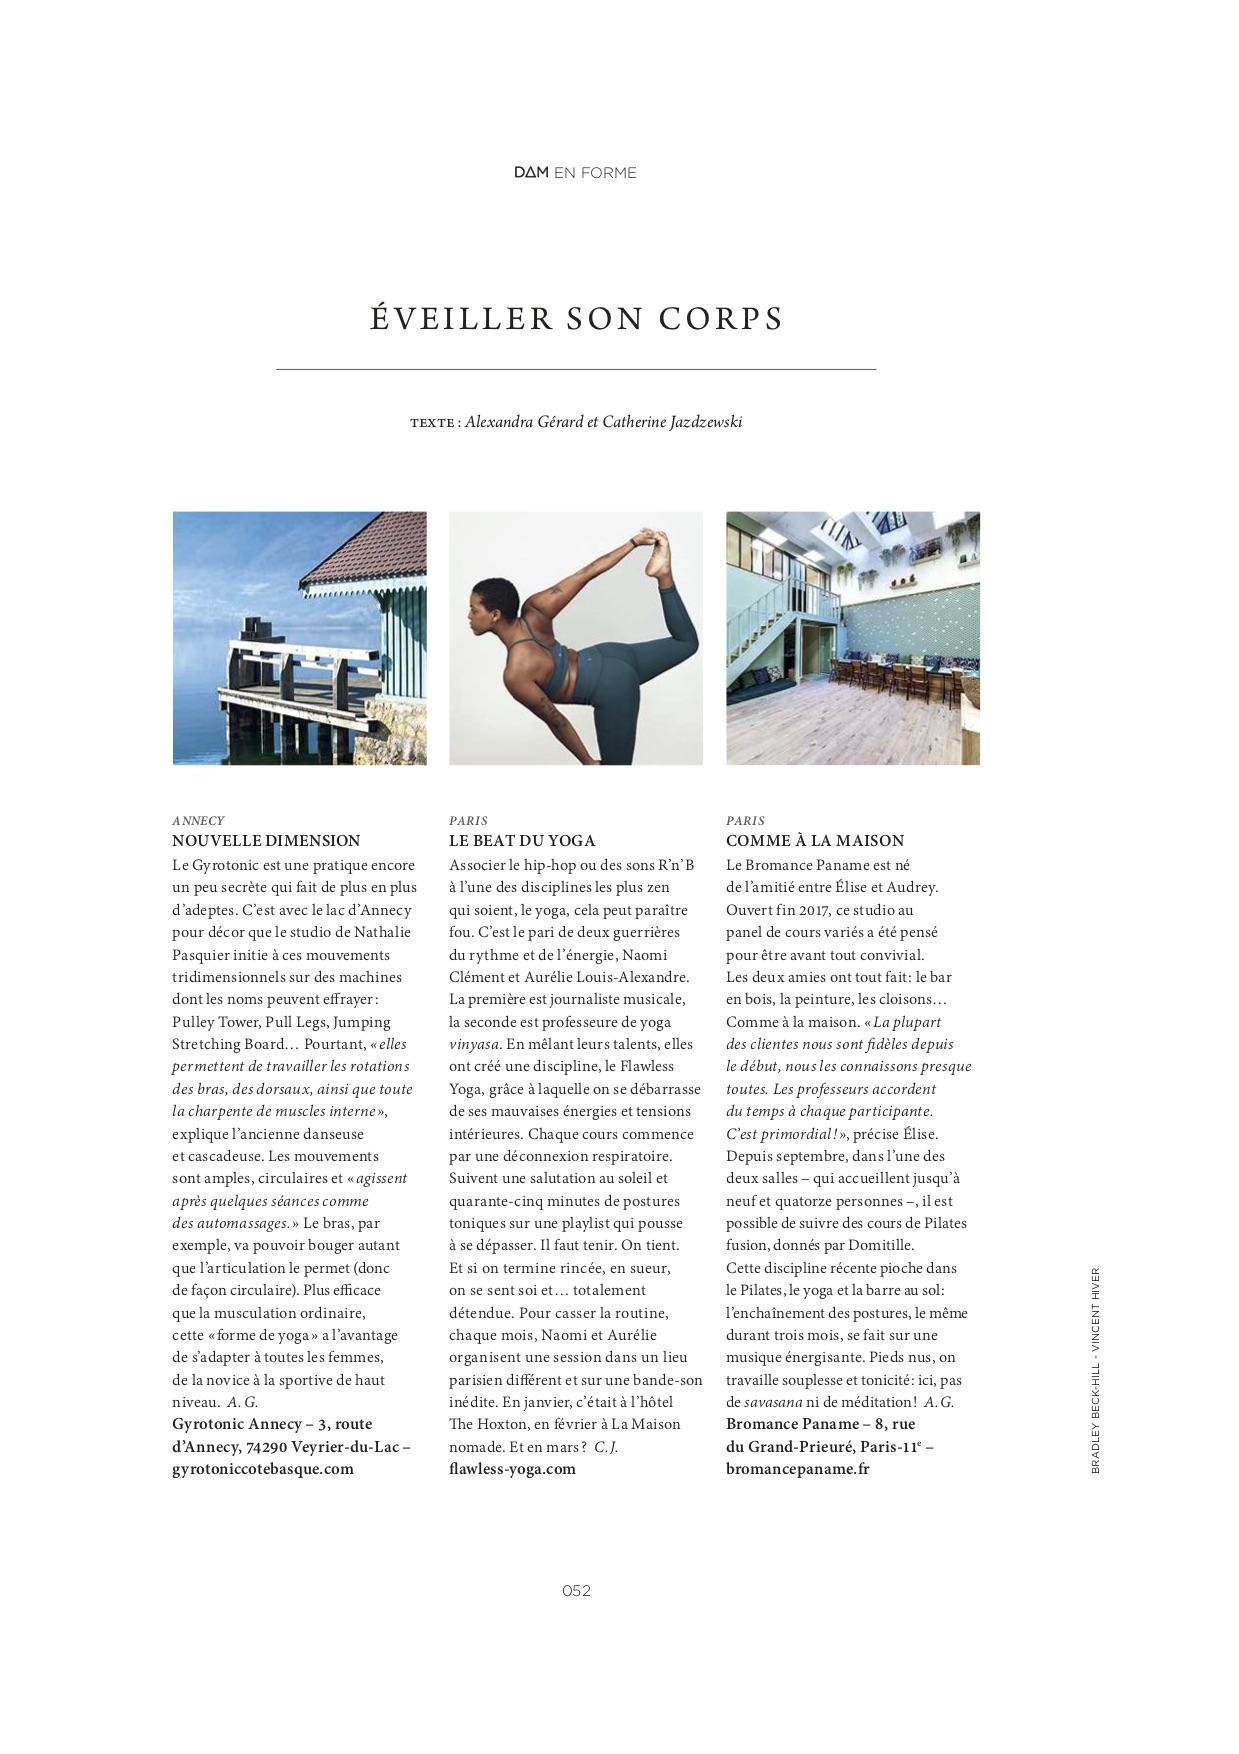 DIM DAM DOM magazine, édition Printemps 2019